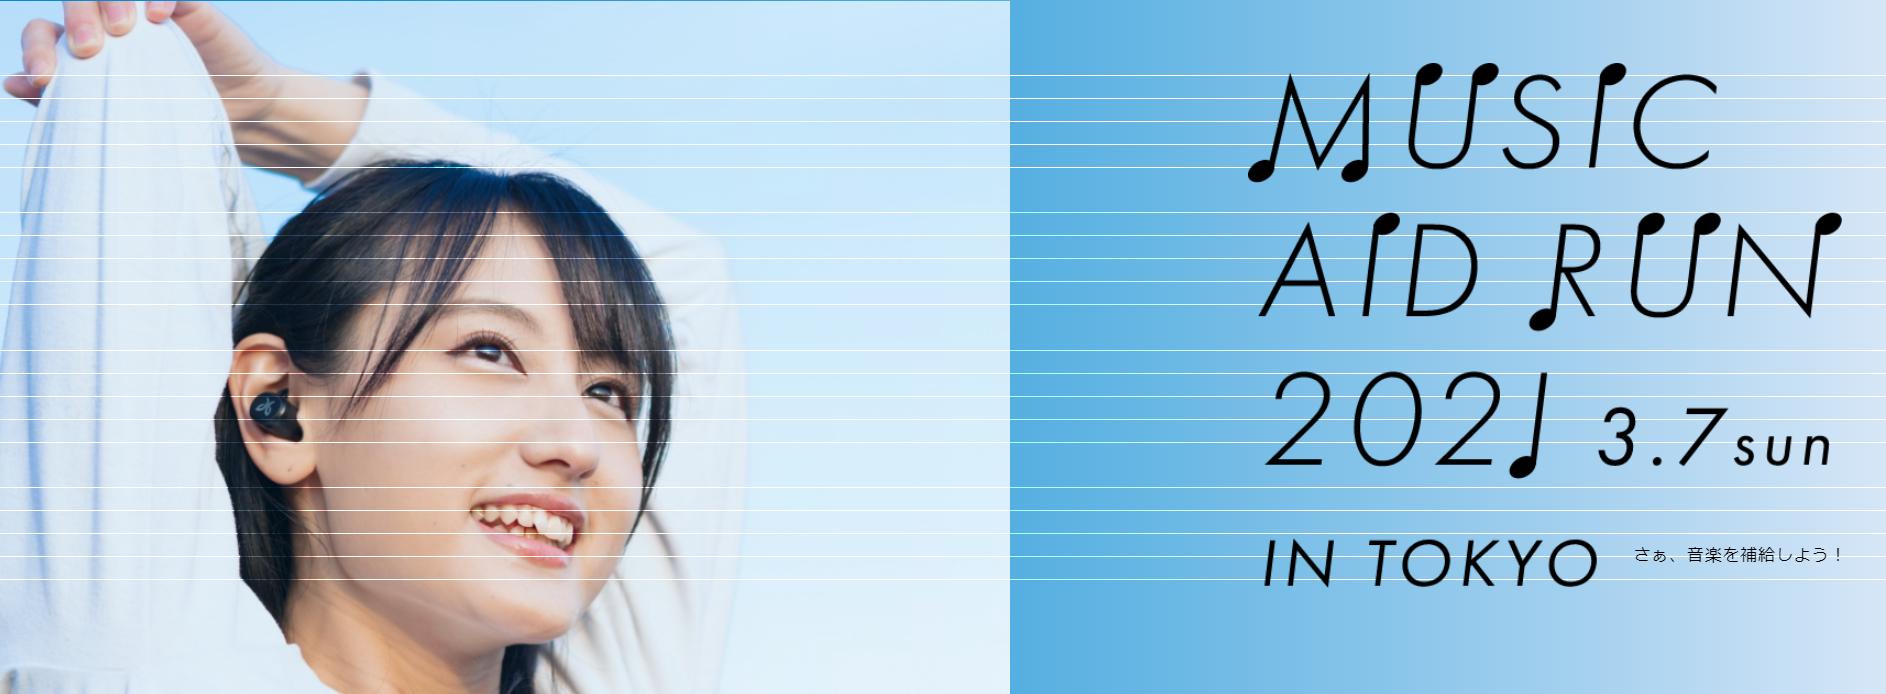 音のAR「SoundMap」を活用したランニングイベント「Music Aid Run 2021 in TOKYO」が開催